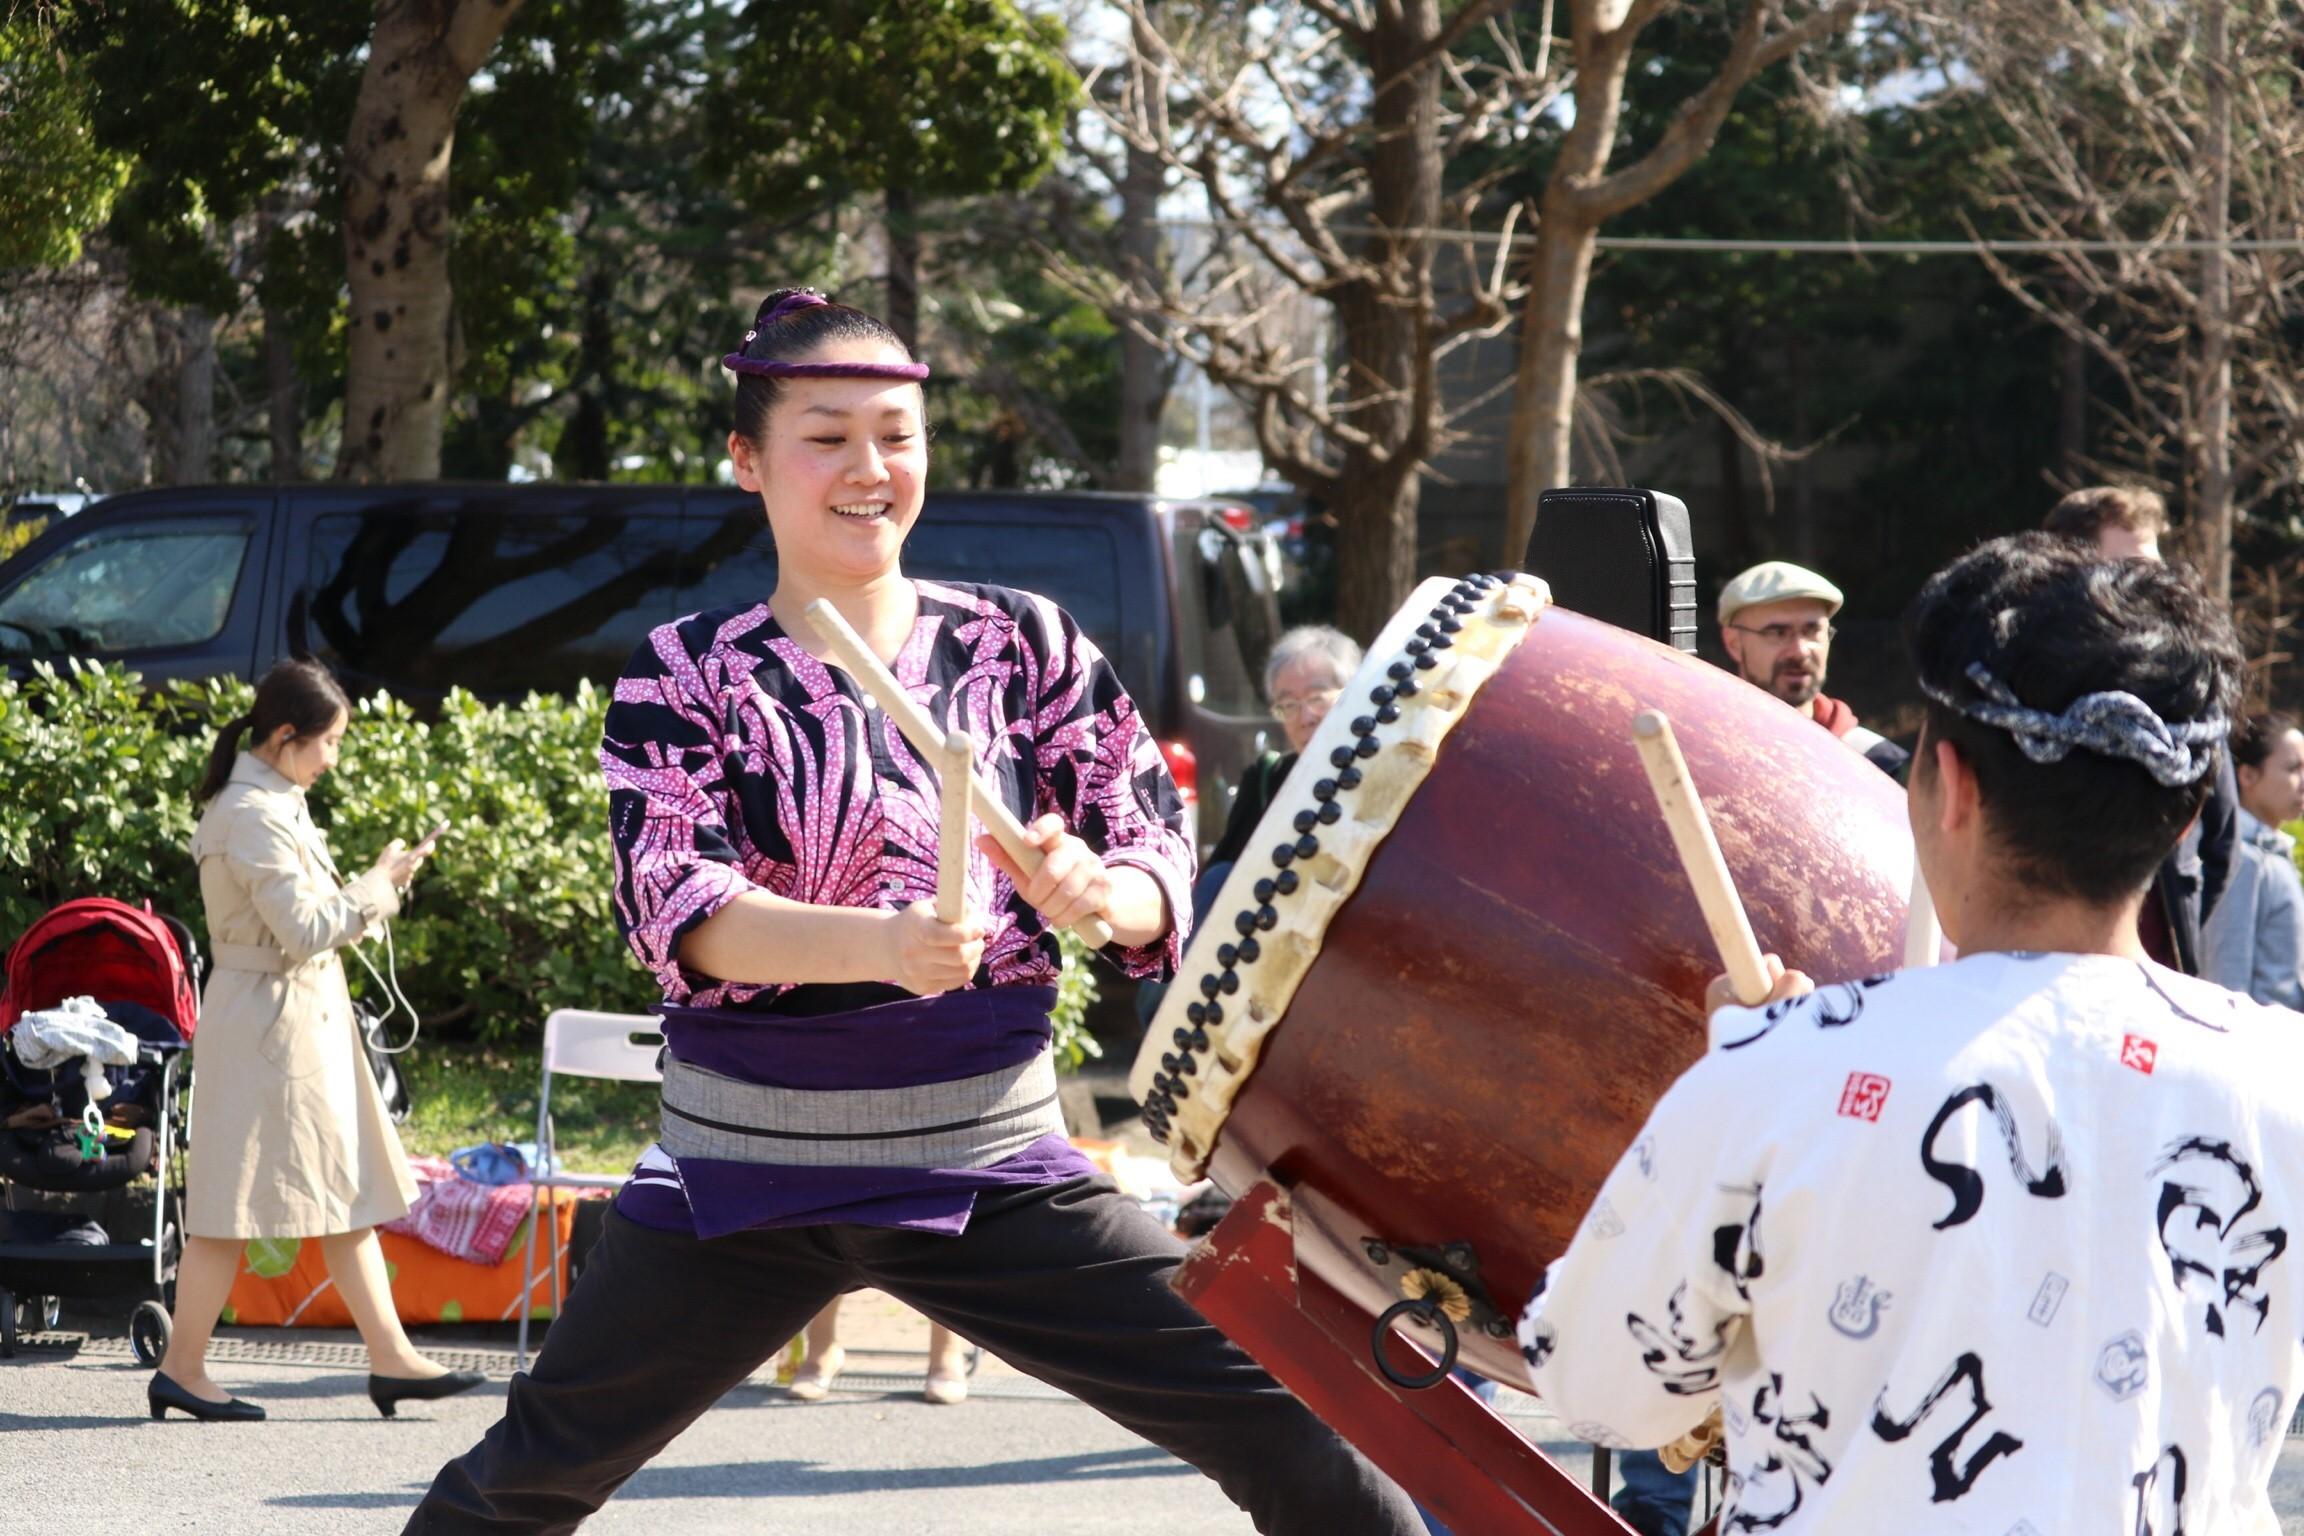 2018/03/25 芝公園盆踊り大会_180325_0080